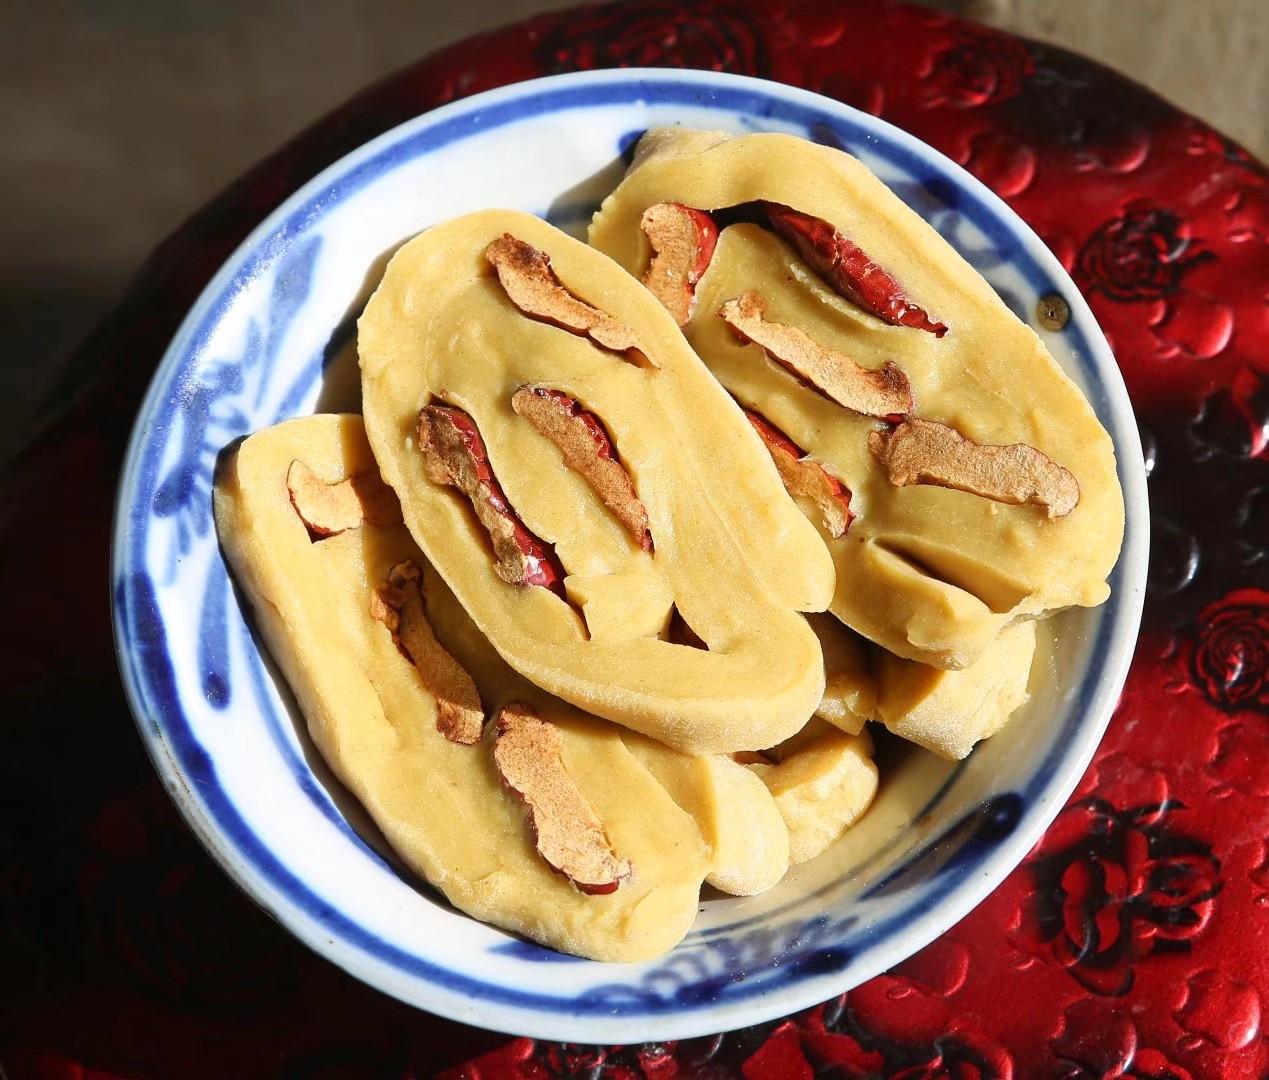 「陕北美食」软格溜溜的油糕